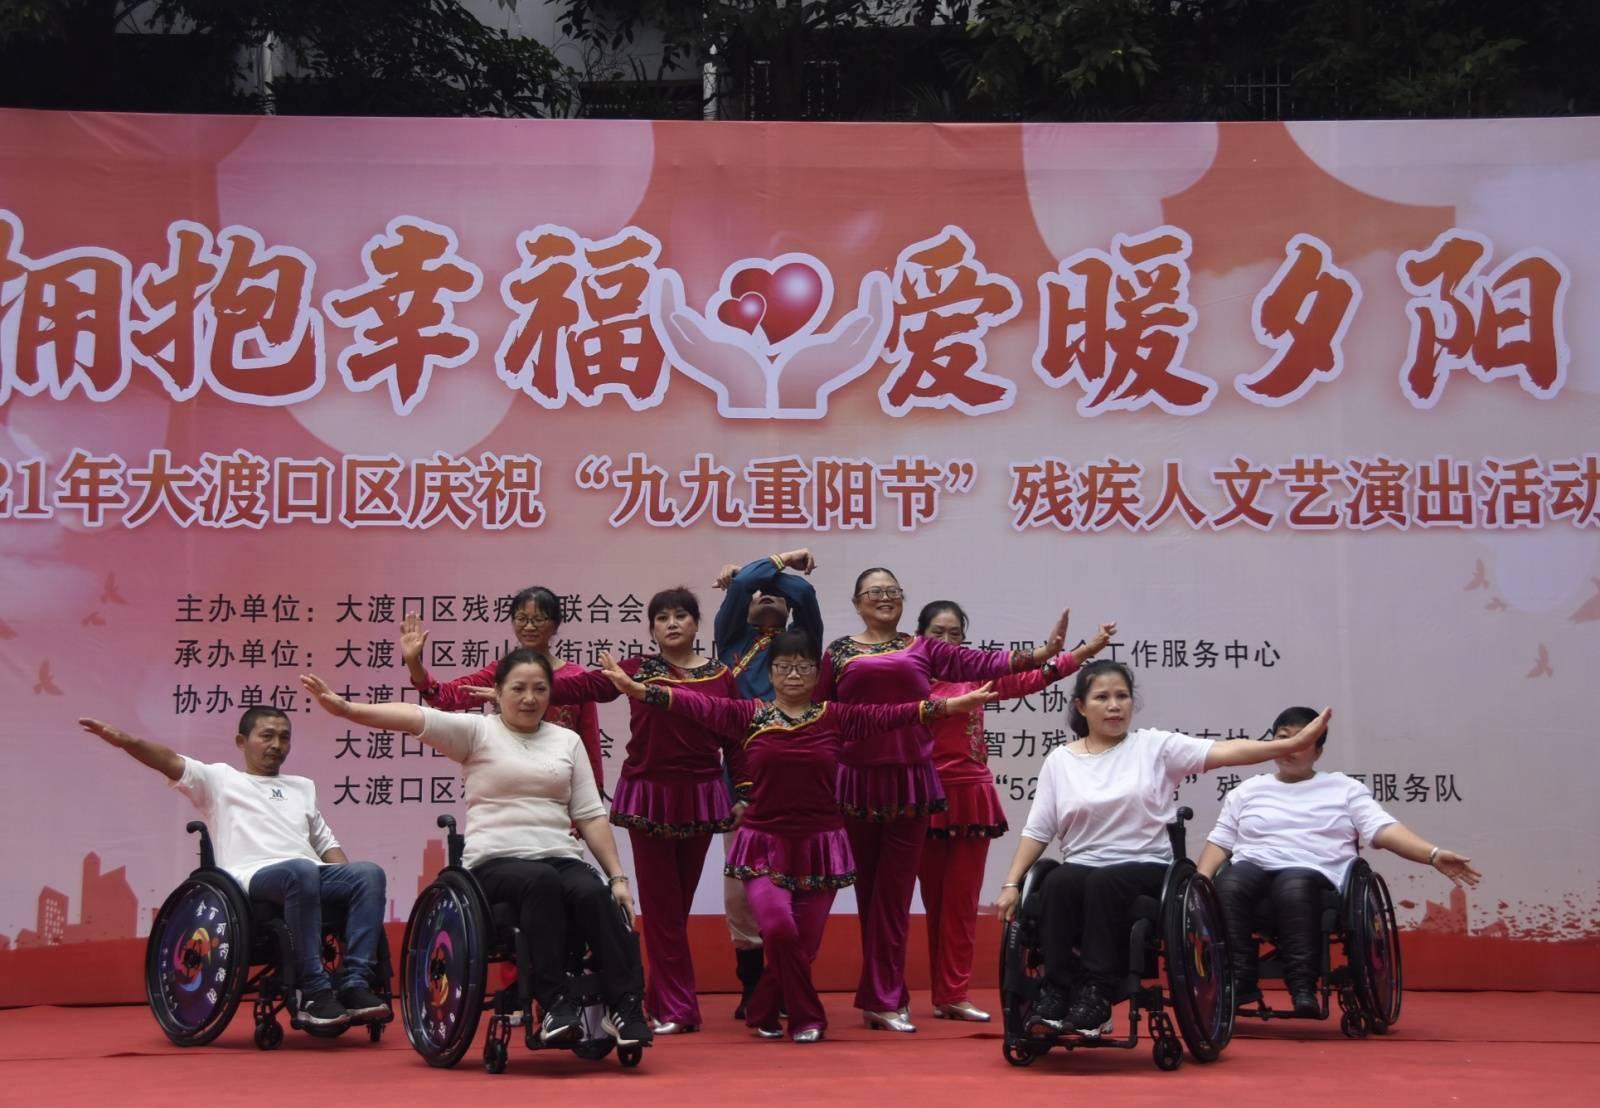 """大渡口举办""""九九重阳节""""残疾人文艺演出"""